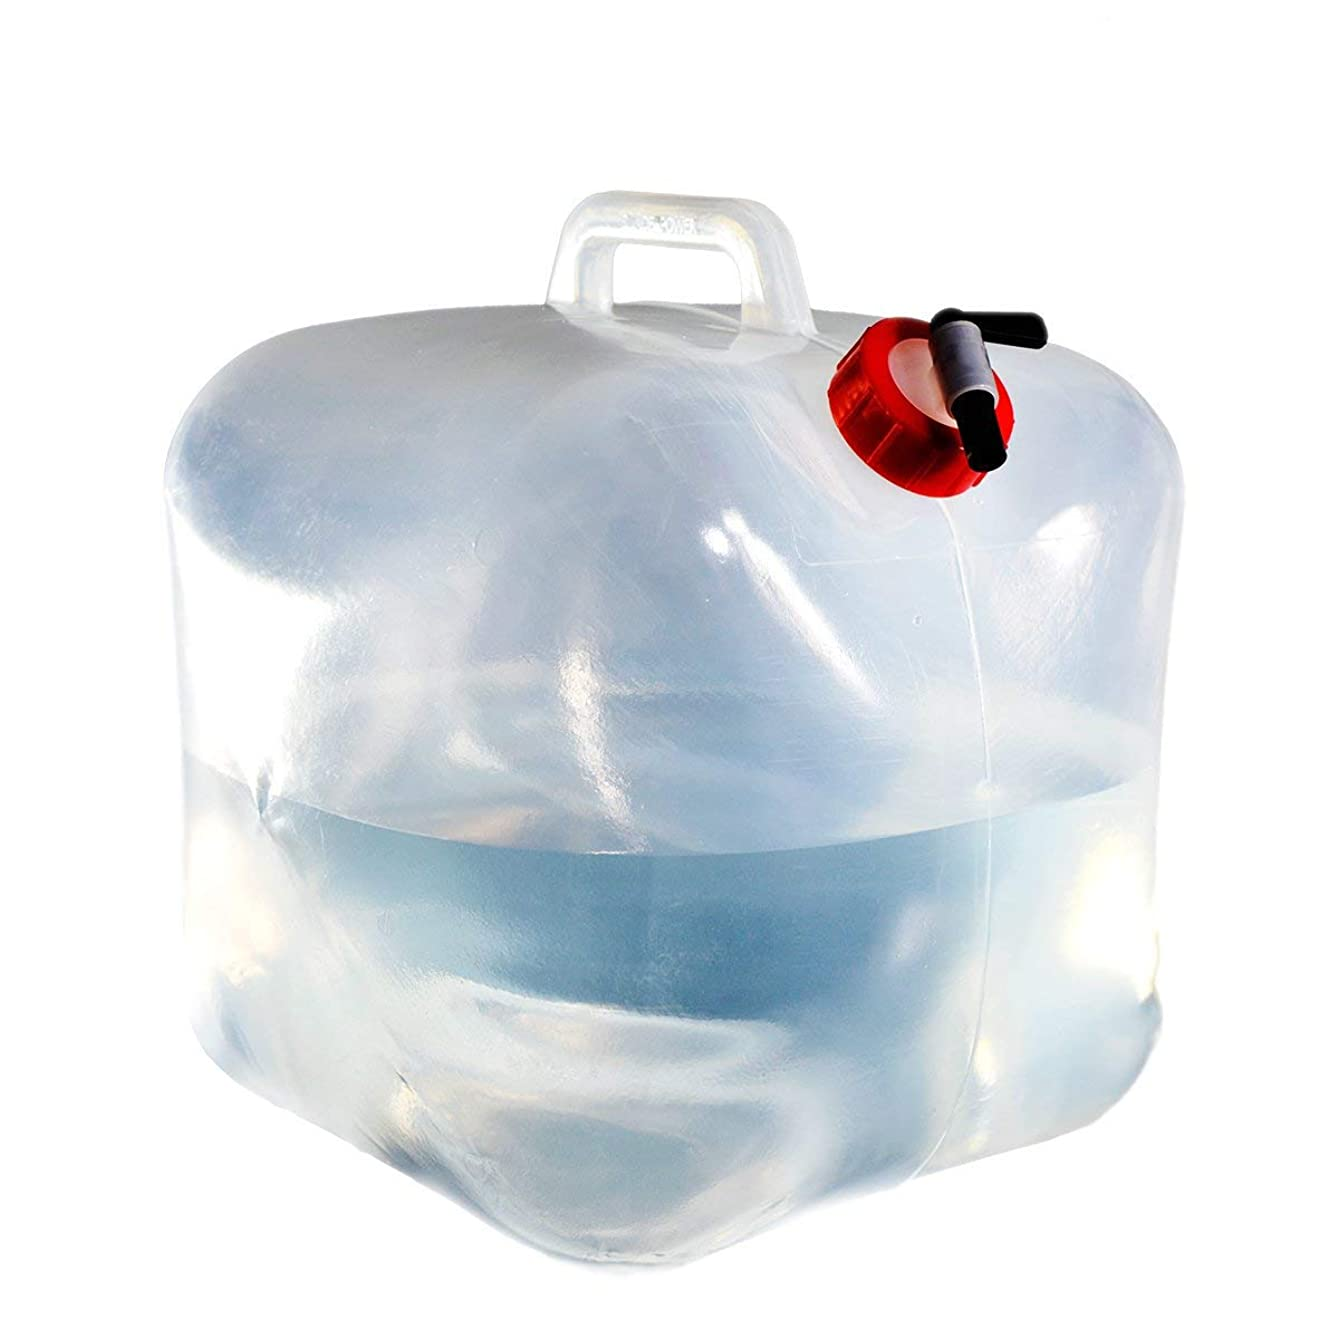 日付付きマーベル日曜日ウォータータンク 折りたたみ式 水タンク 非常用 防災グッズ 持ち運び便利 大容量 10L/20L